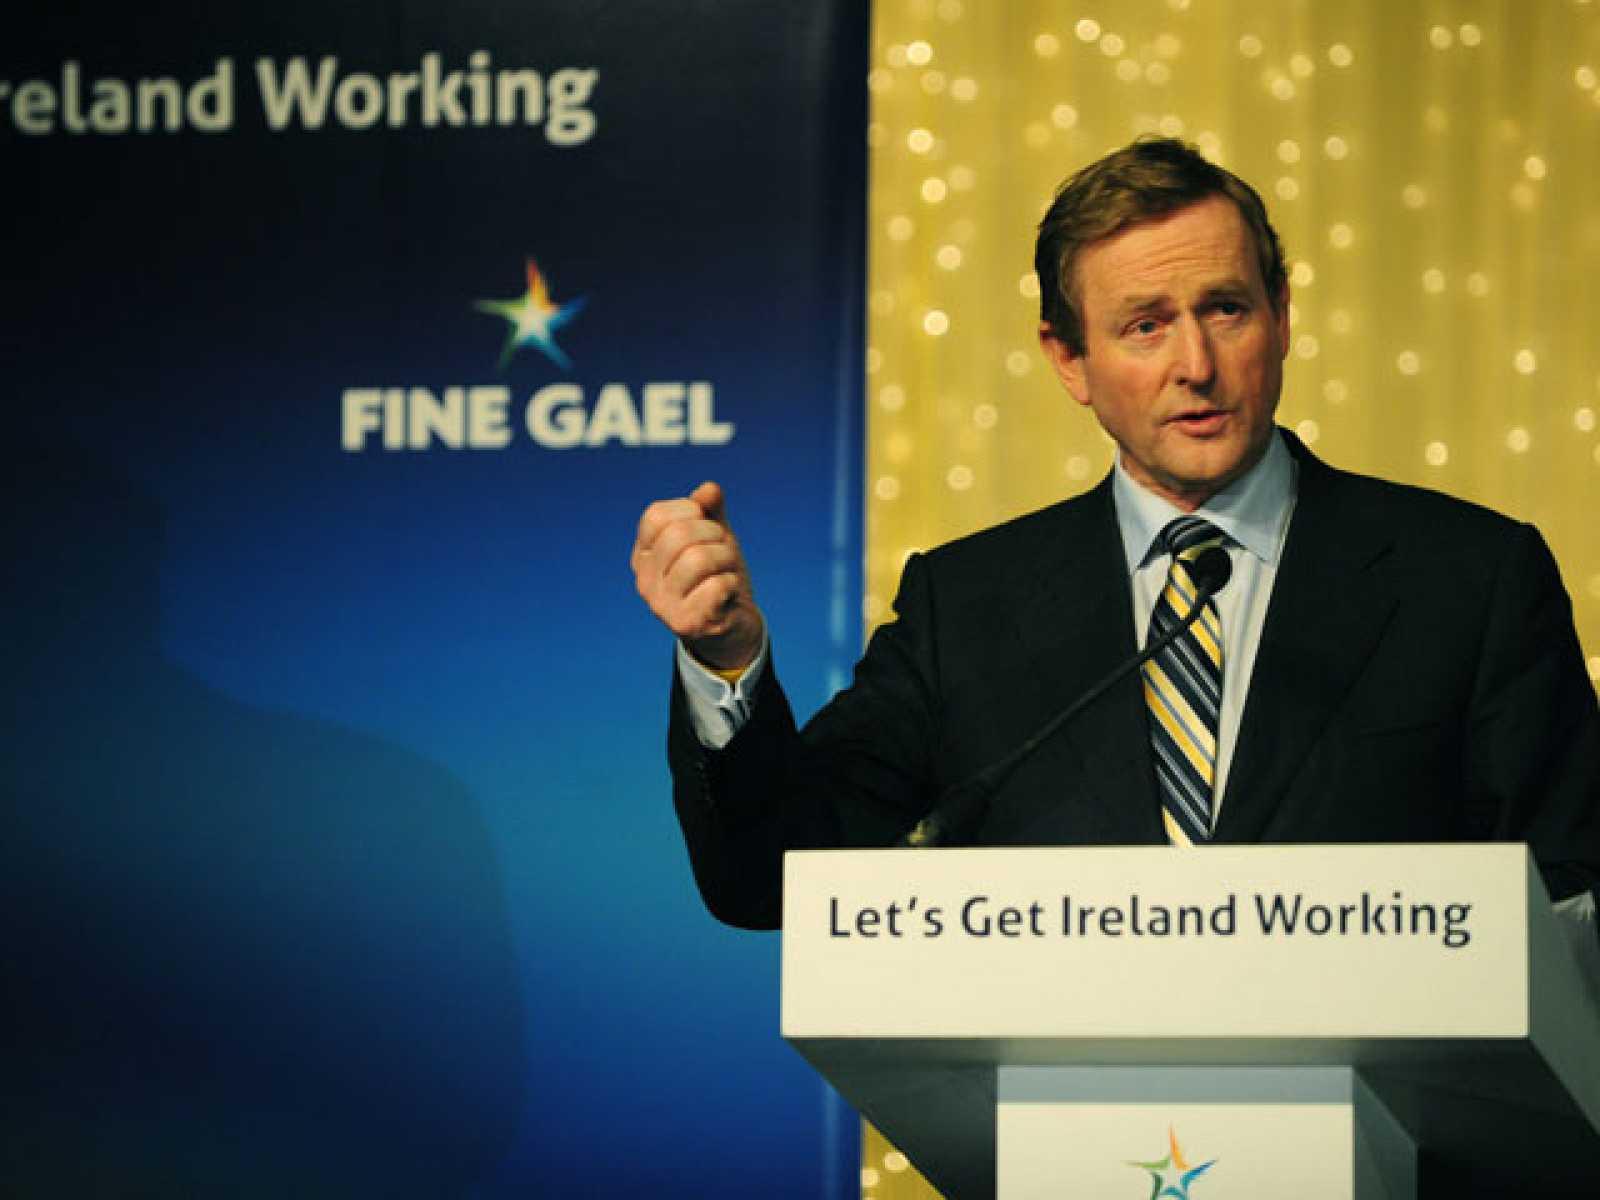 Para todos los públicos El ganador de las elecciones irlandesas medita  sobre una coalición de gobierno reproducir video 5039b75289